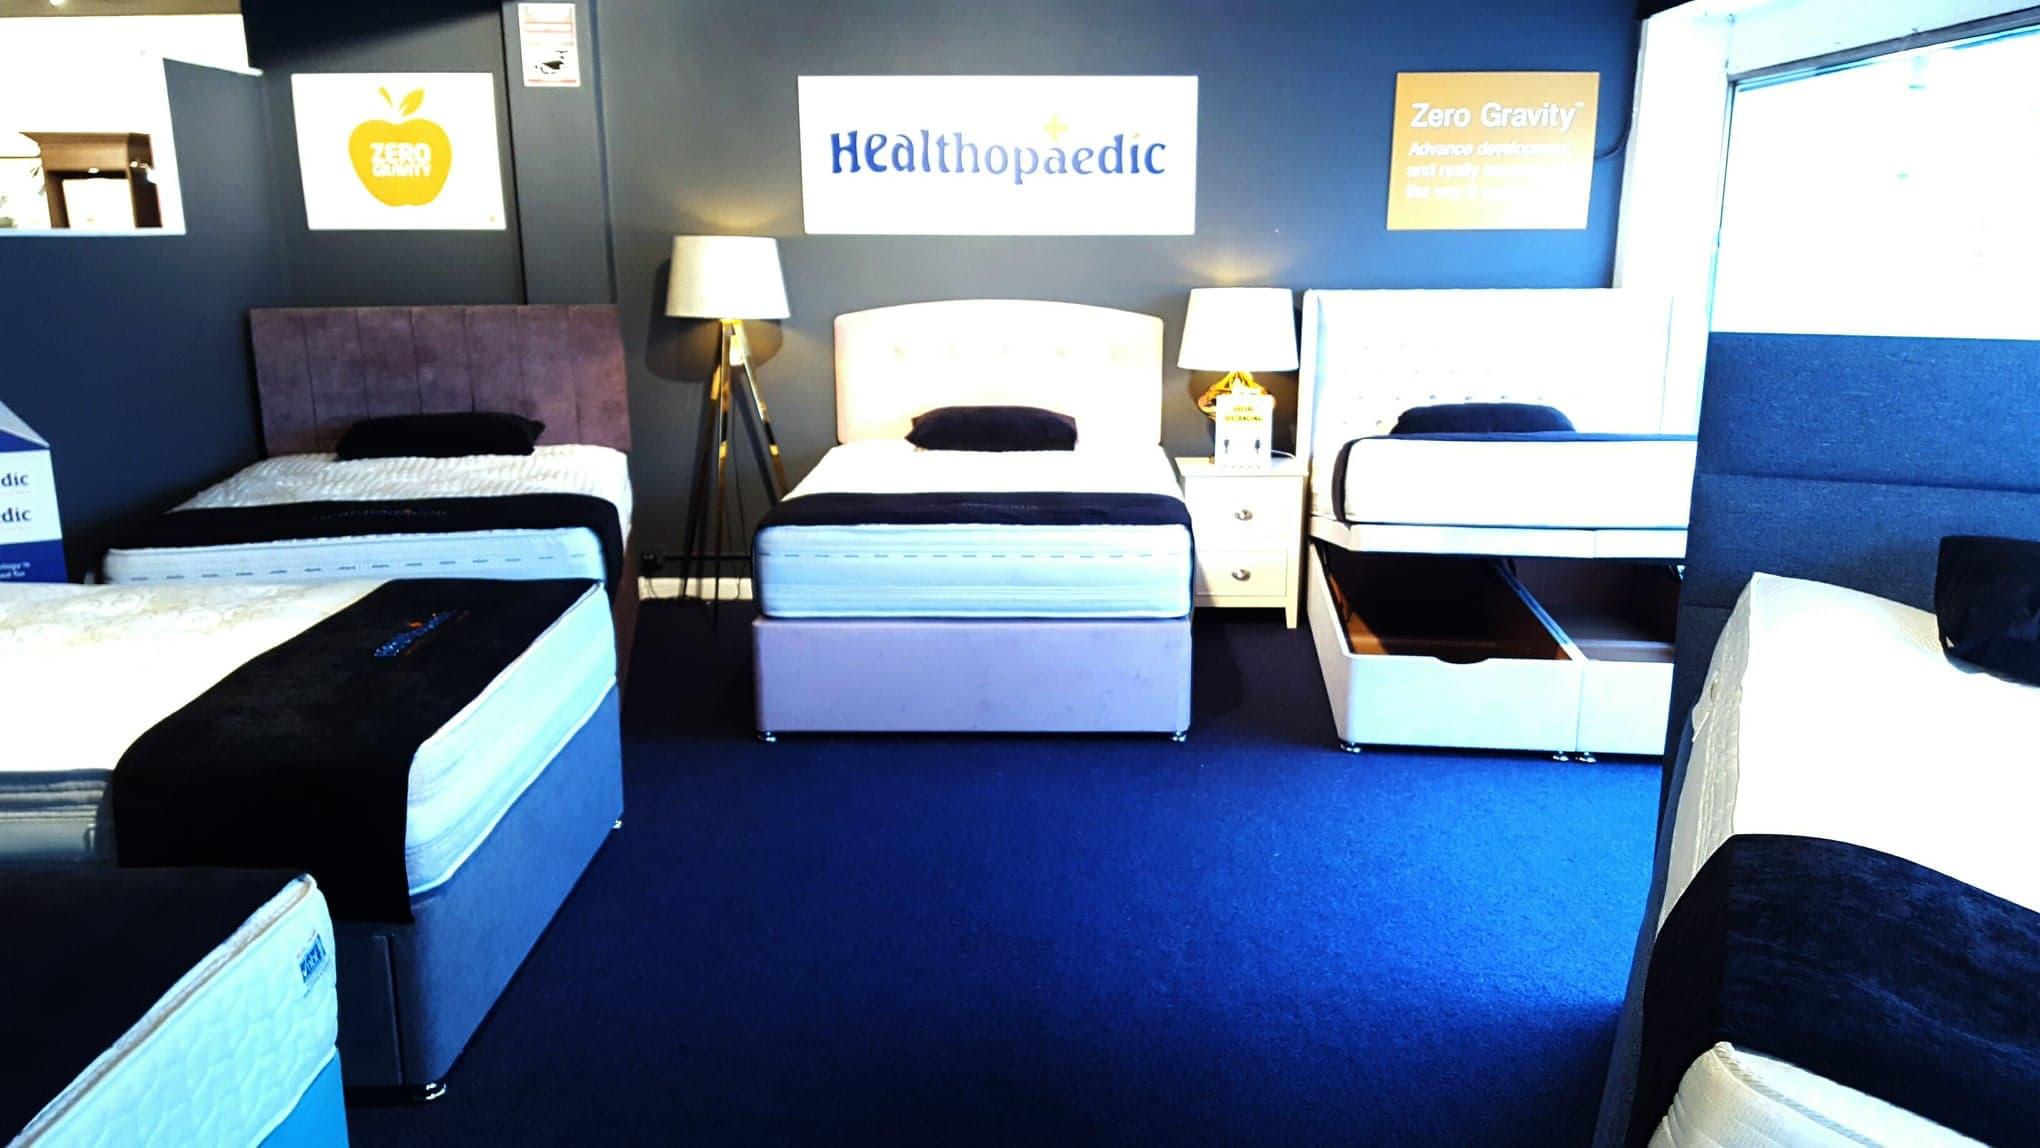 Healthopaedic Beds